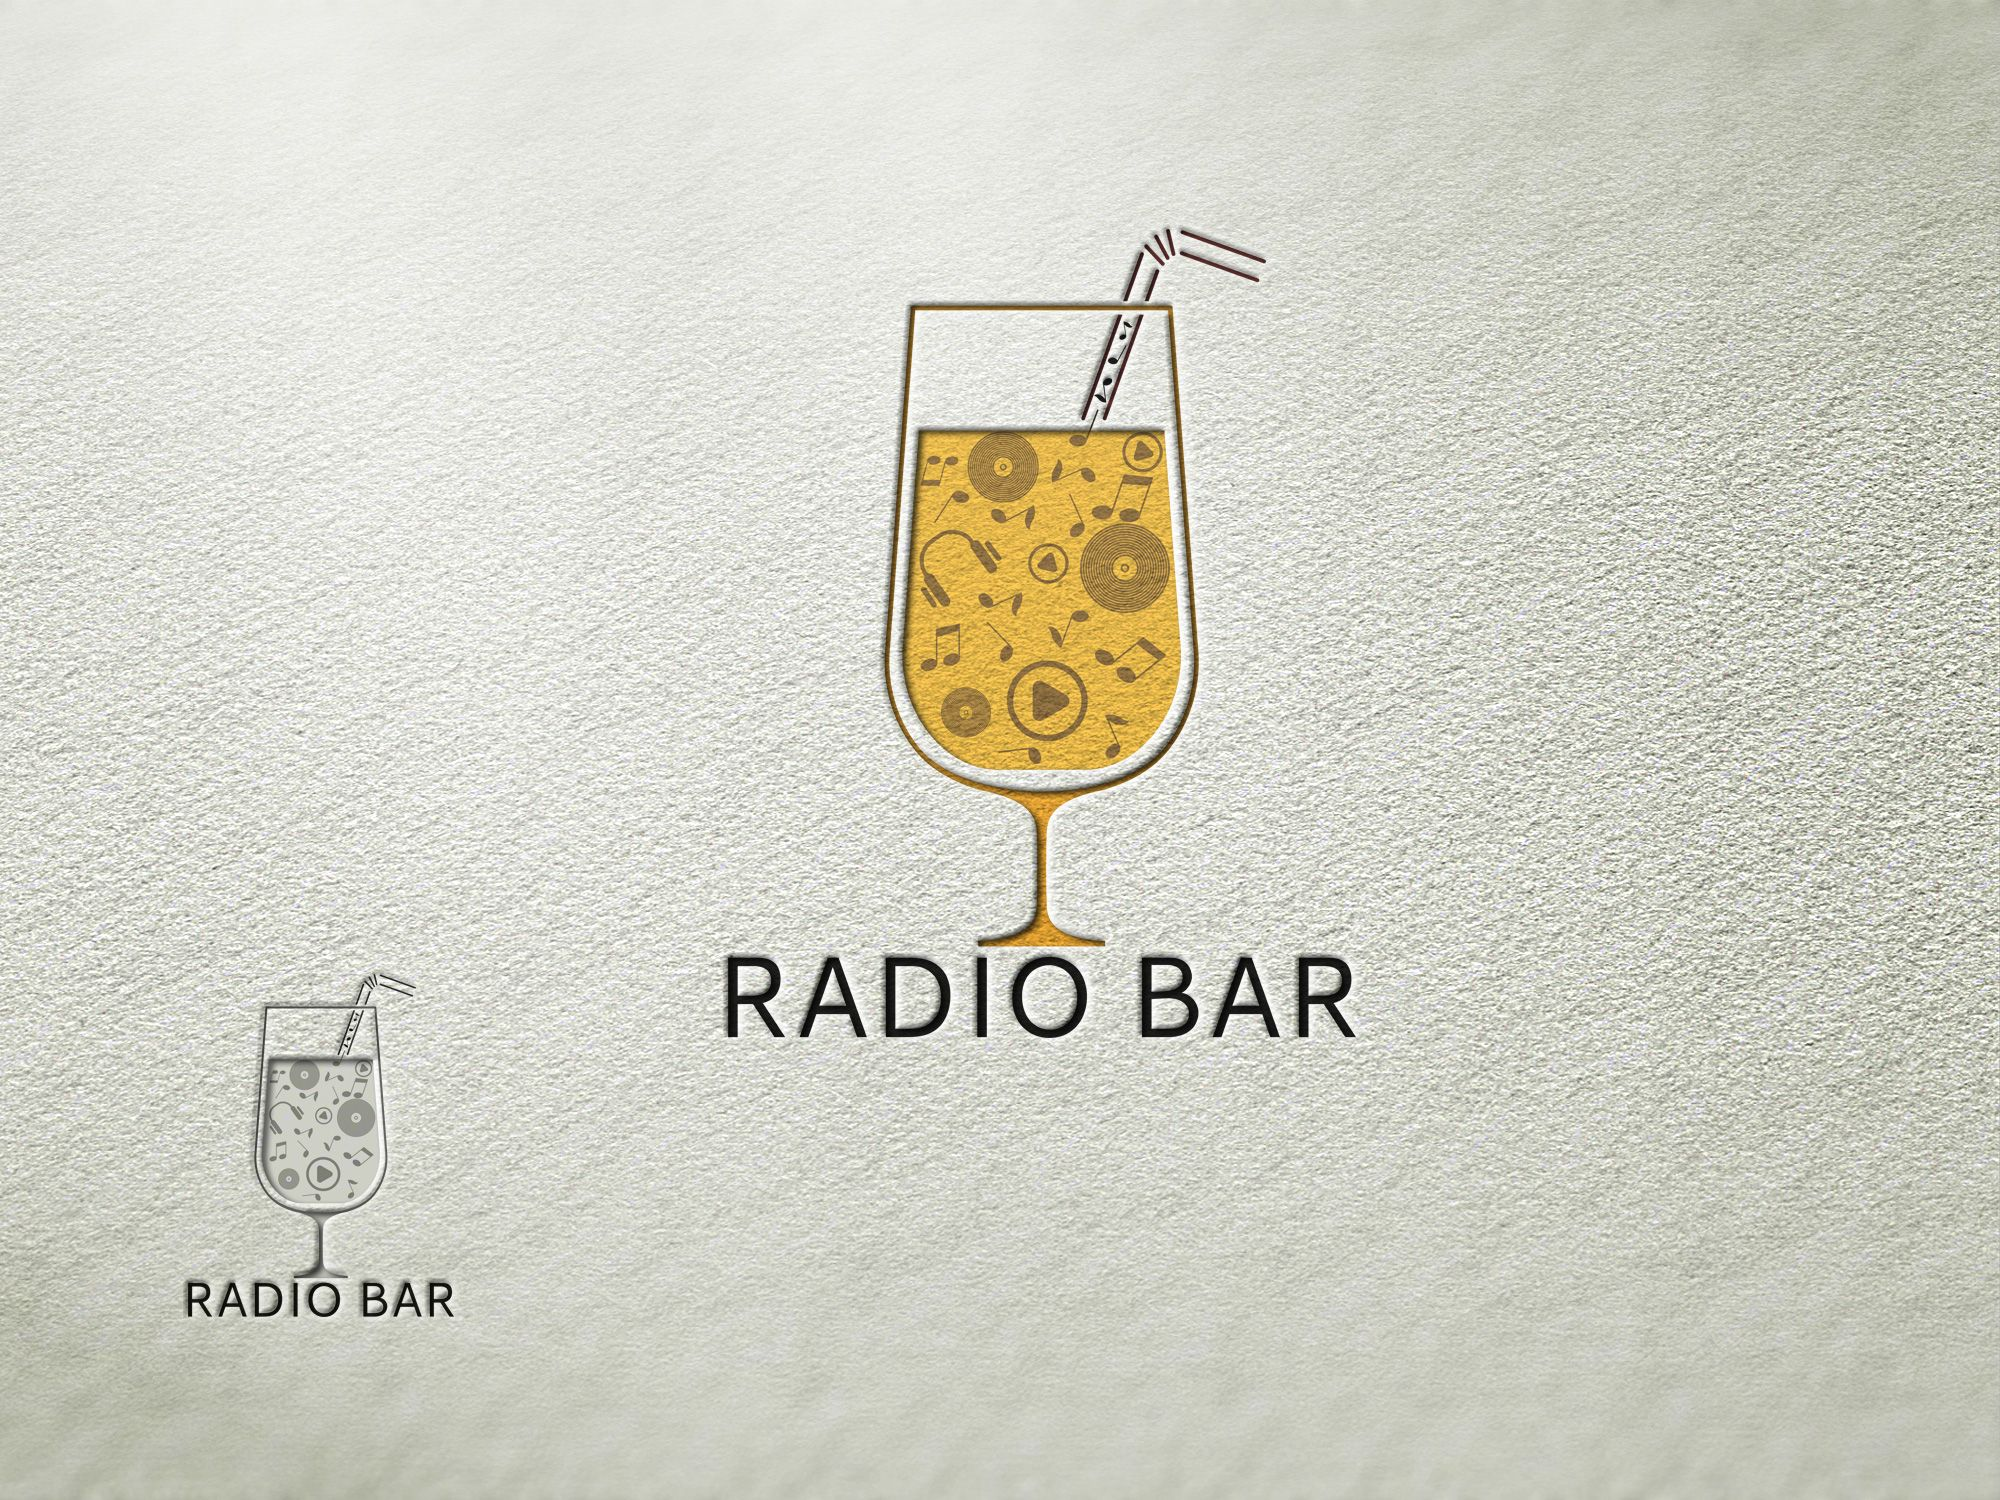 Логотип для Radio bar - дизайнер bobrofanton